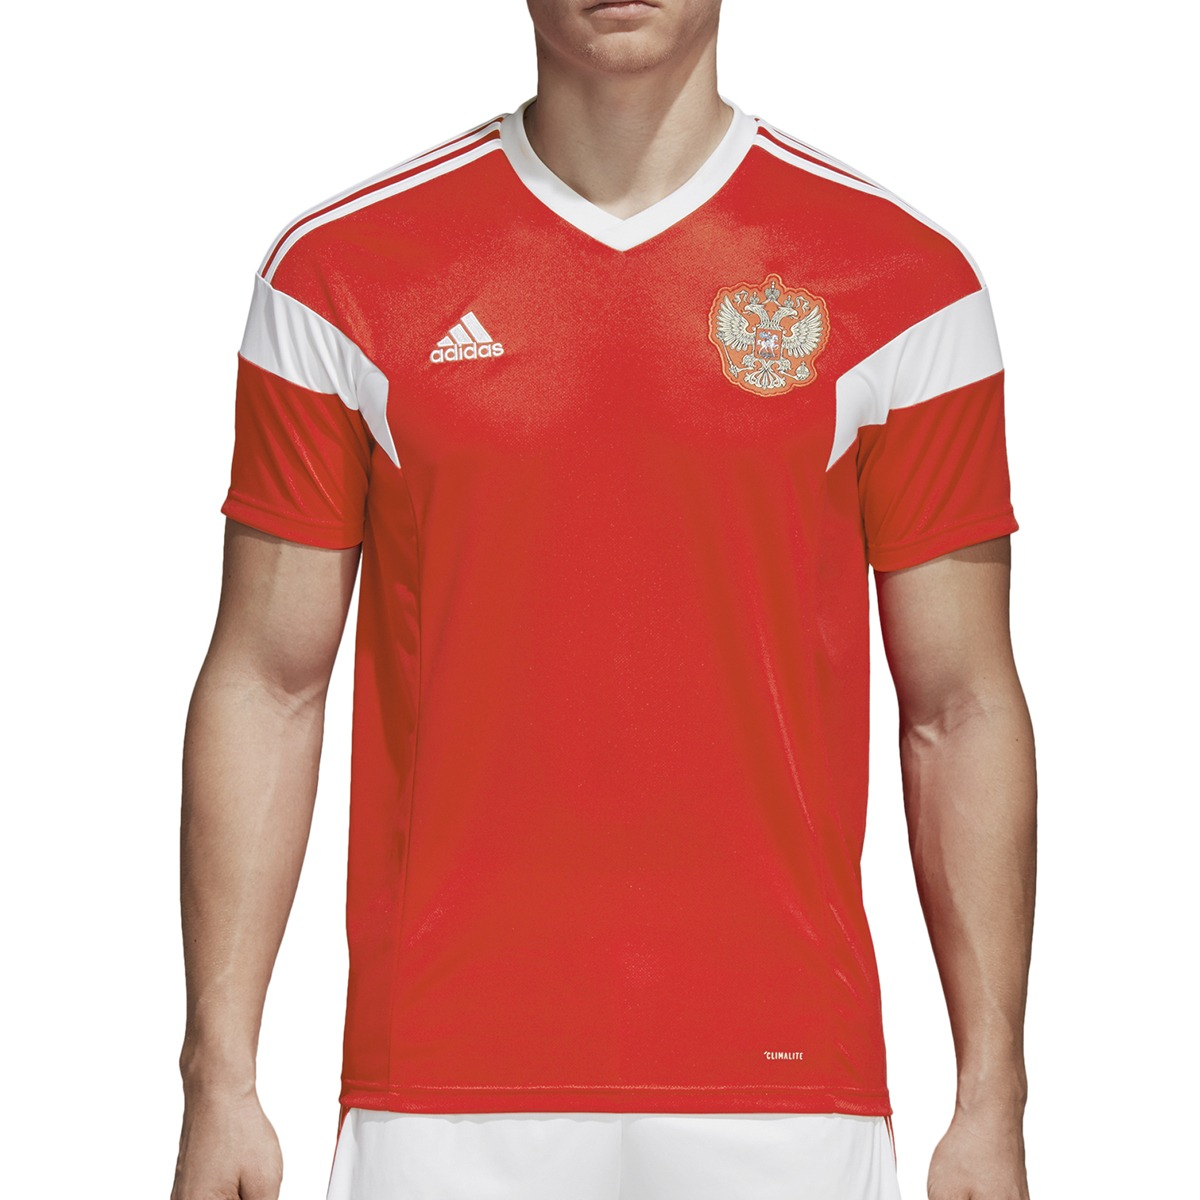 camiseta de futbol adidas rusia home hombre rj bl. Cargando zoom. 082664c4dd6e6